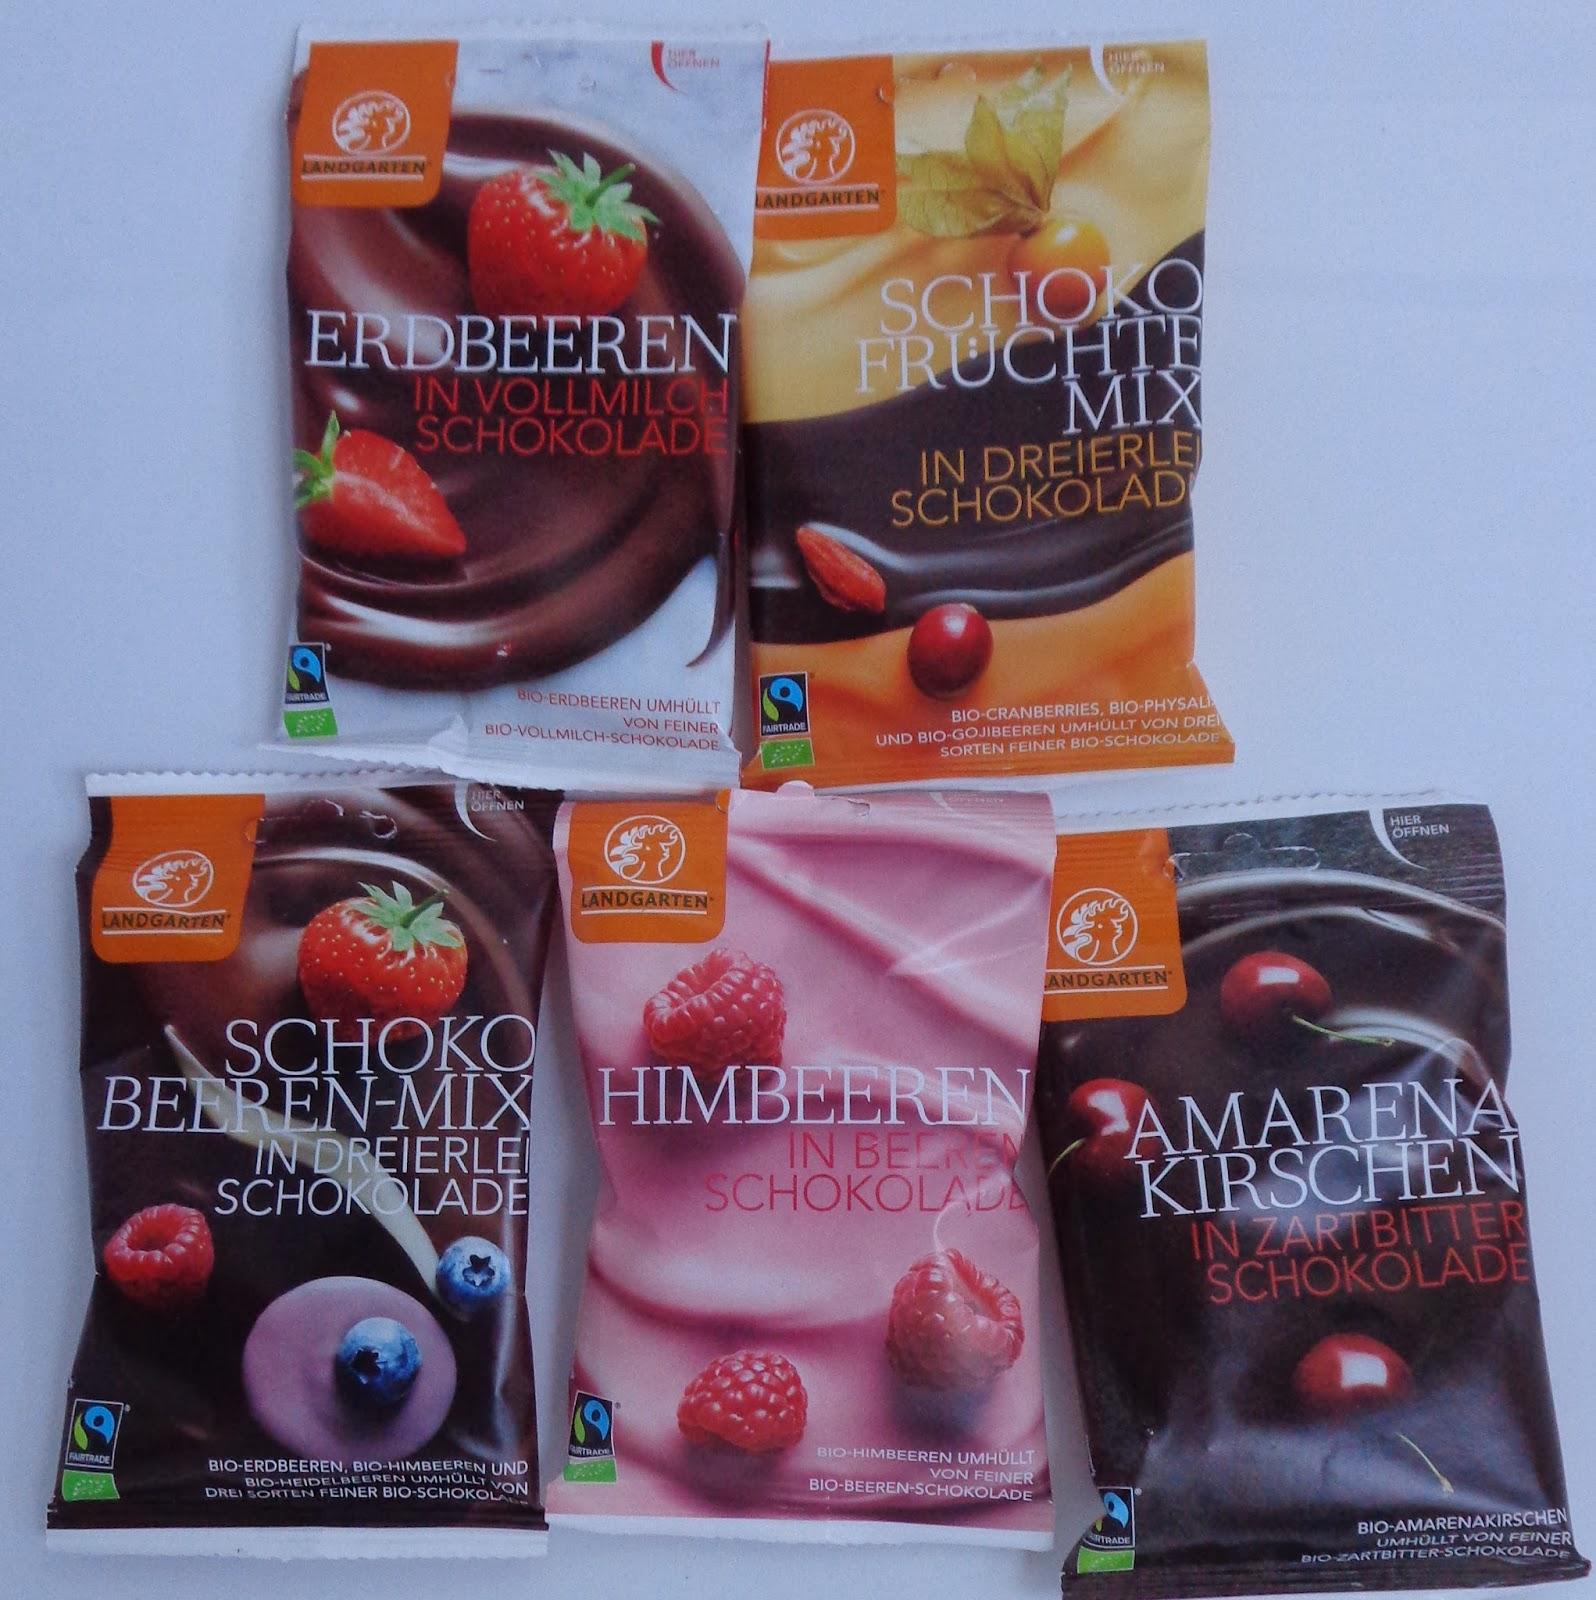 Amarena-Kirschen in Zartbitterschokolade; Erdbeeren in Vollmilchschokolade, Himbeeren in Beerenschokolade; Schoko-Früchte-Mix, Schoko Beeren-Mix